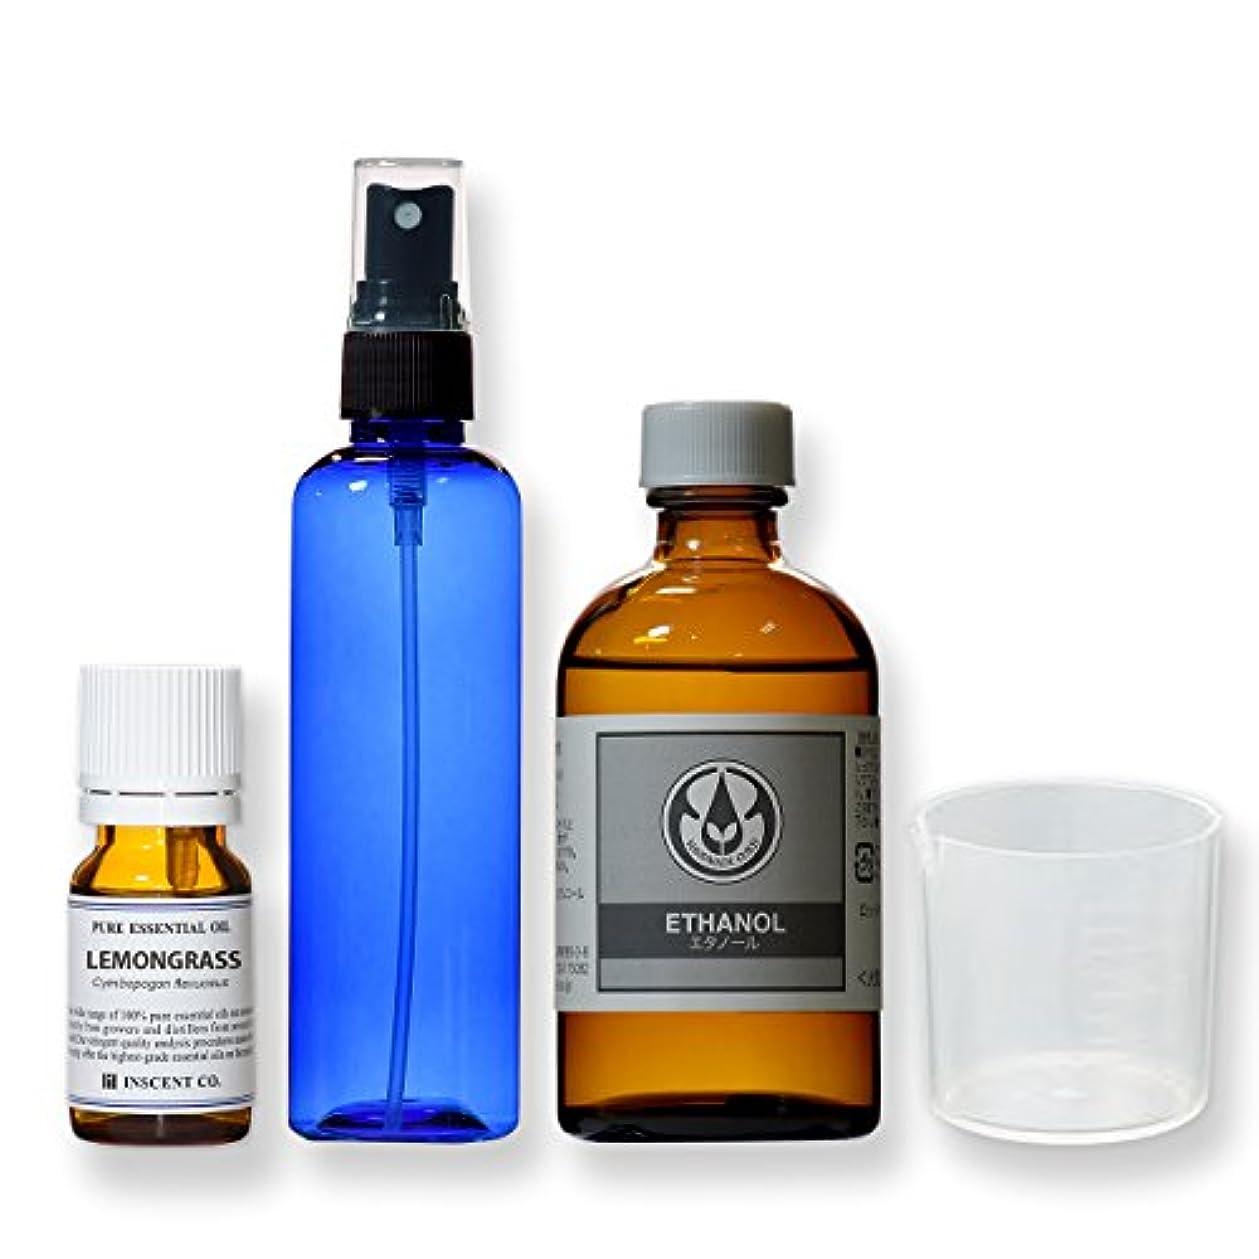 クロールティーンエイジャー保護する手作り虫除けスプレーセット (精油:レモングラス 10ml) インセント